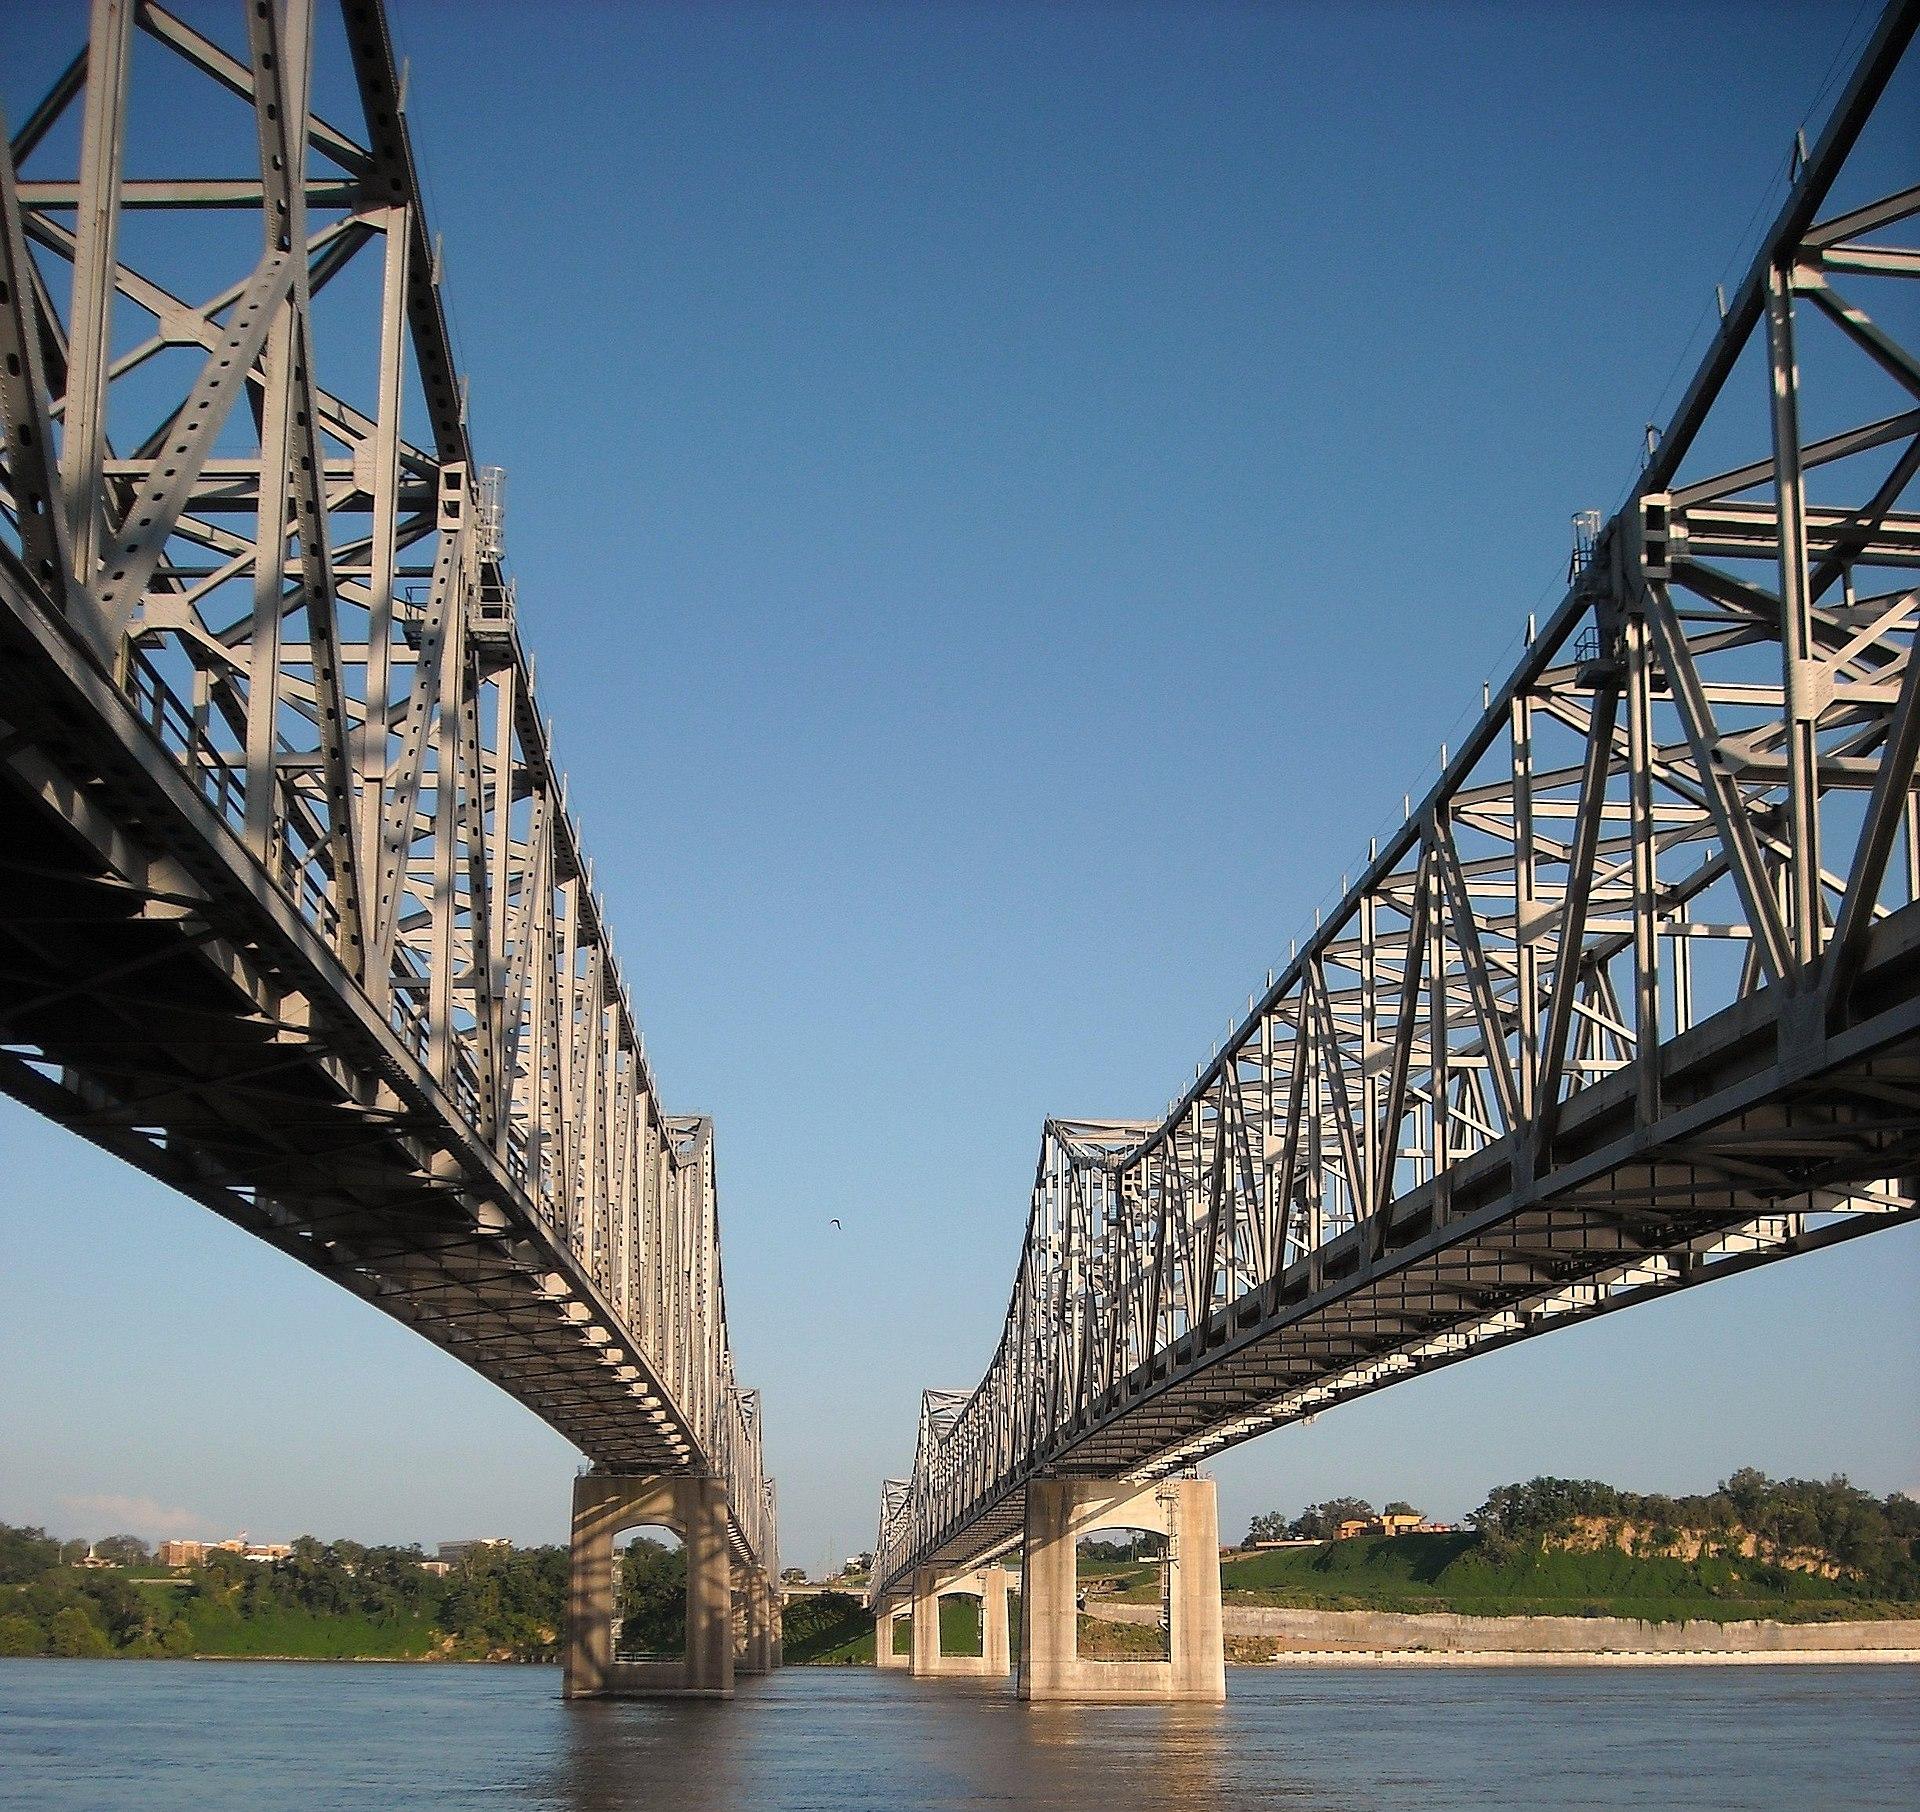 Natchez–Vidalia Bridge - Wikipedia